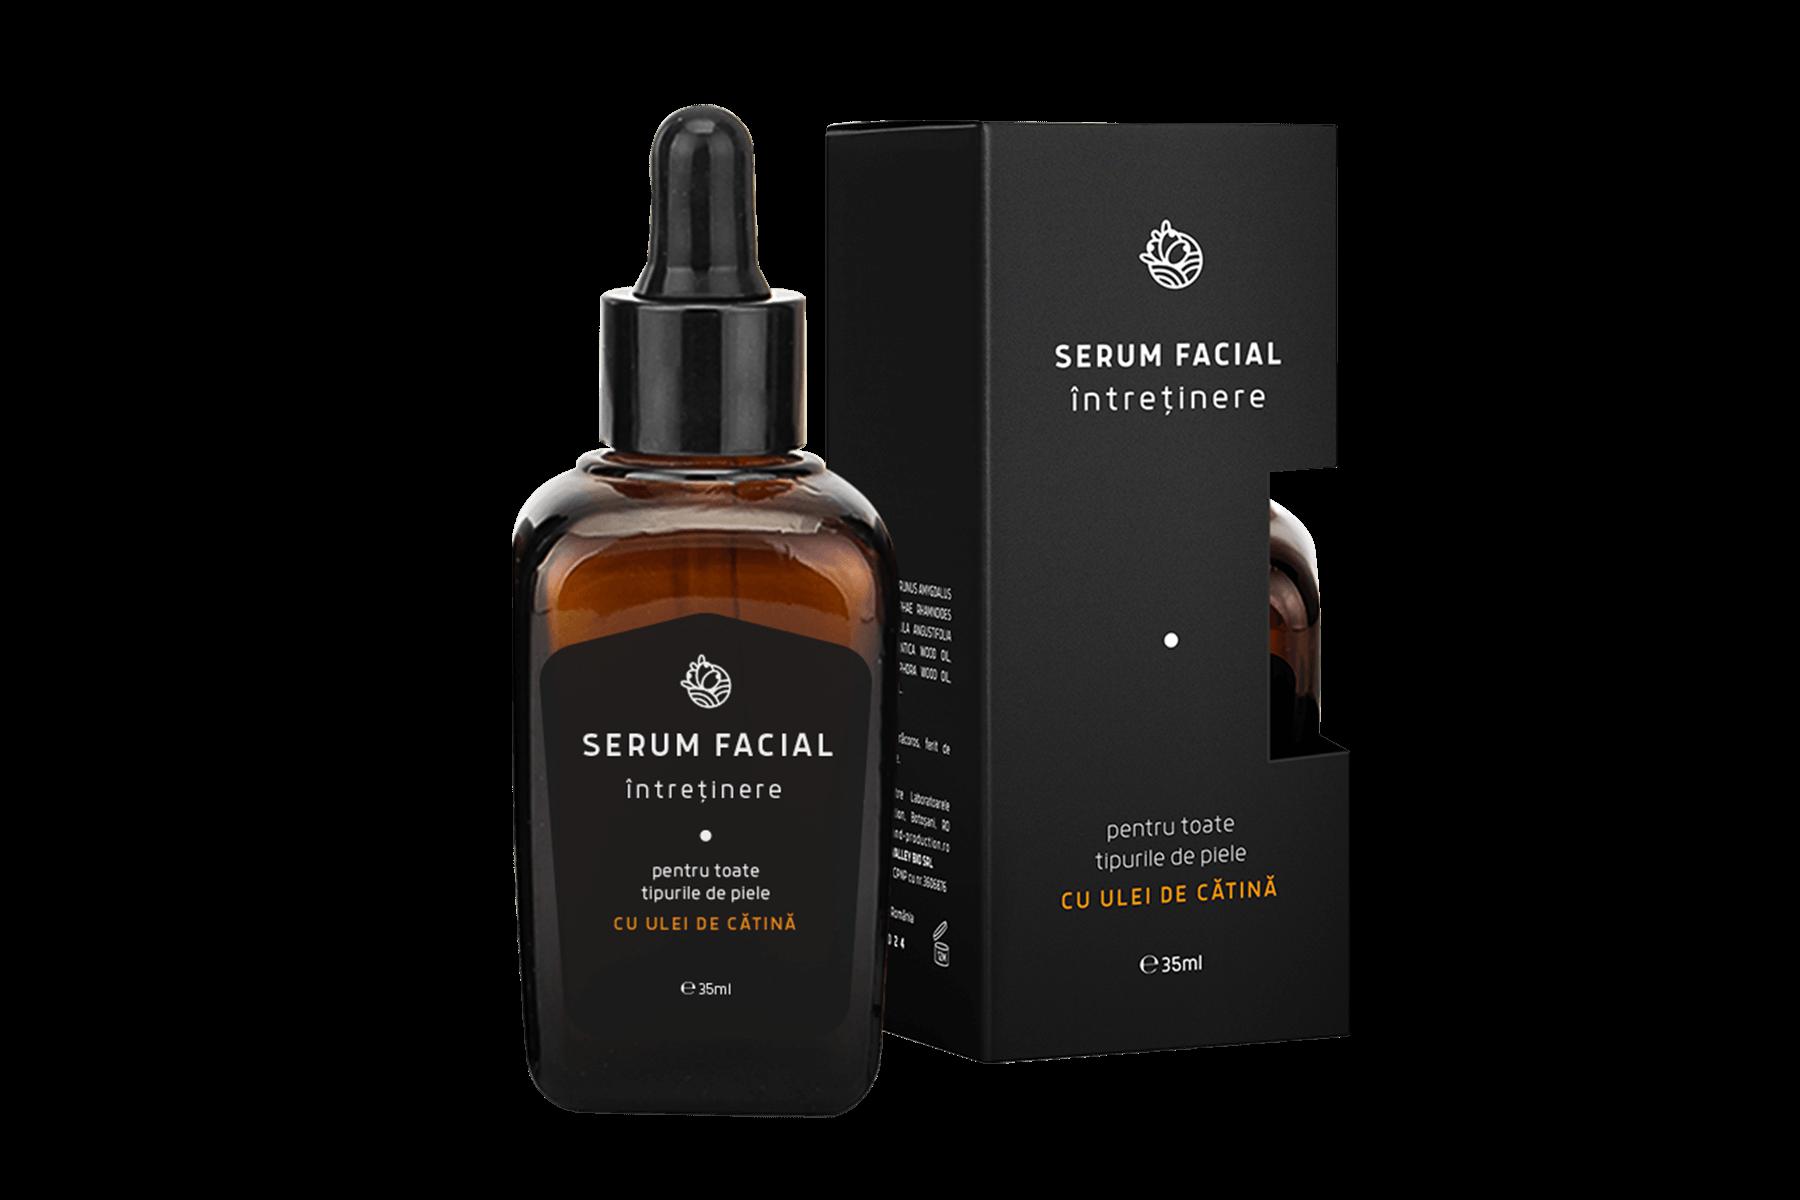 Serum facial pentru întreținere cu ulei de cătină